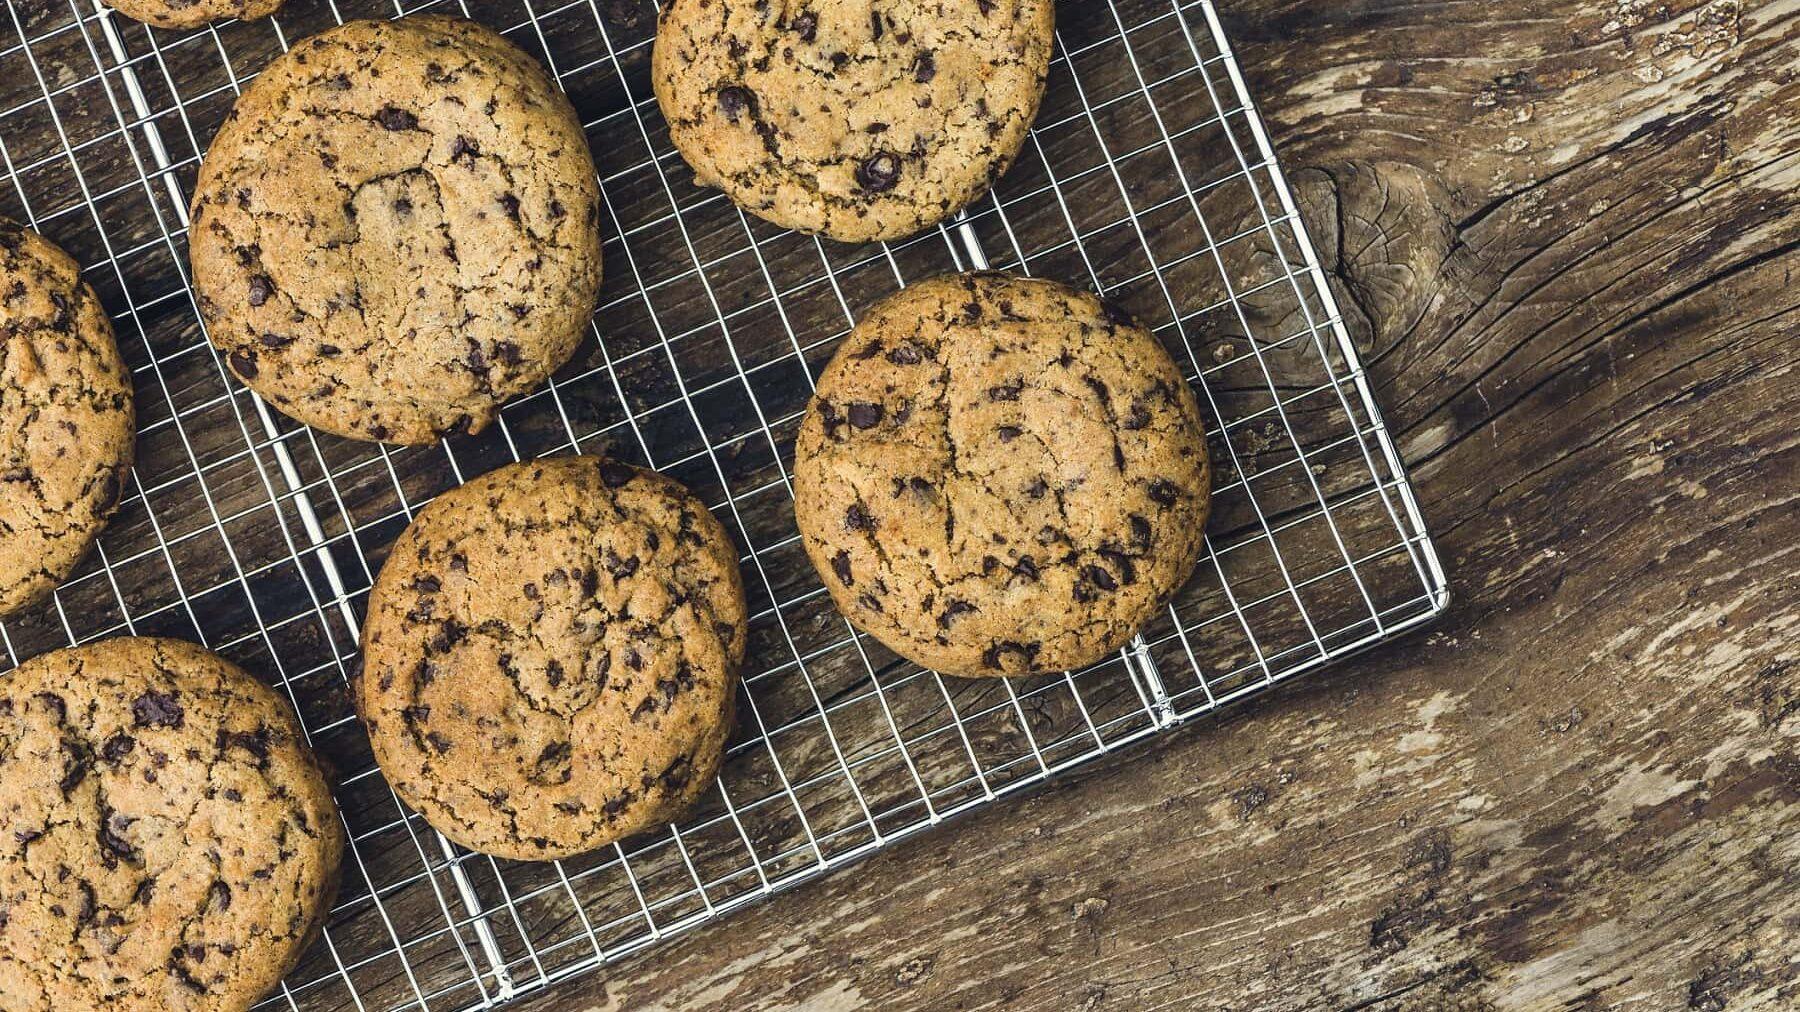 Mehrere runde Chocolate-Chip-Cookies liegen auf einem silbernen Gitter auf einem braunen Holztisch.